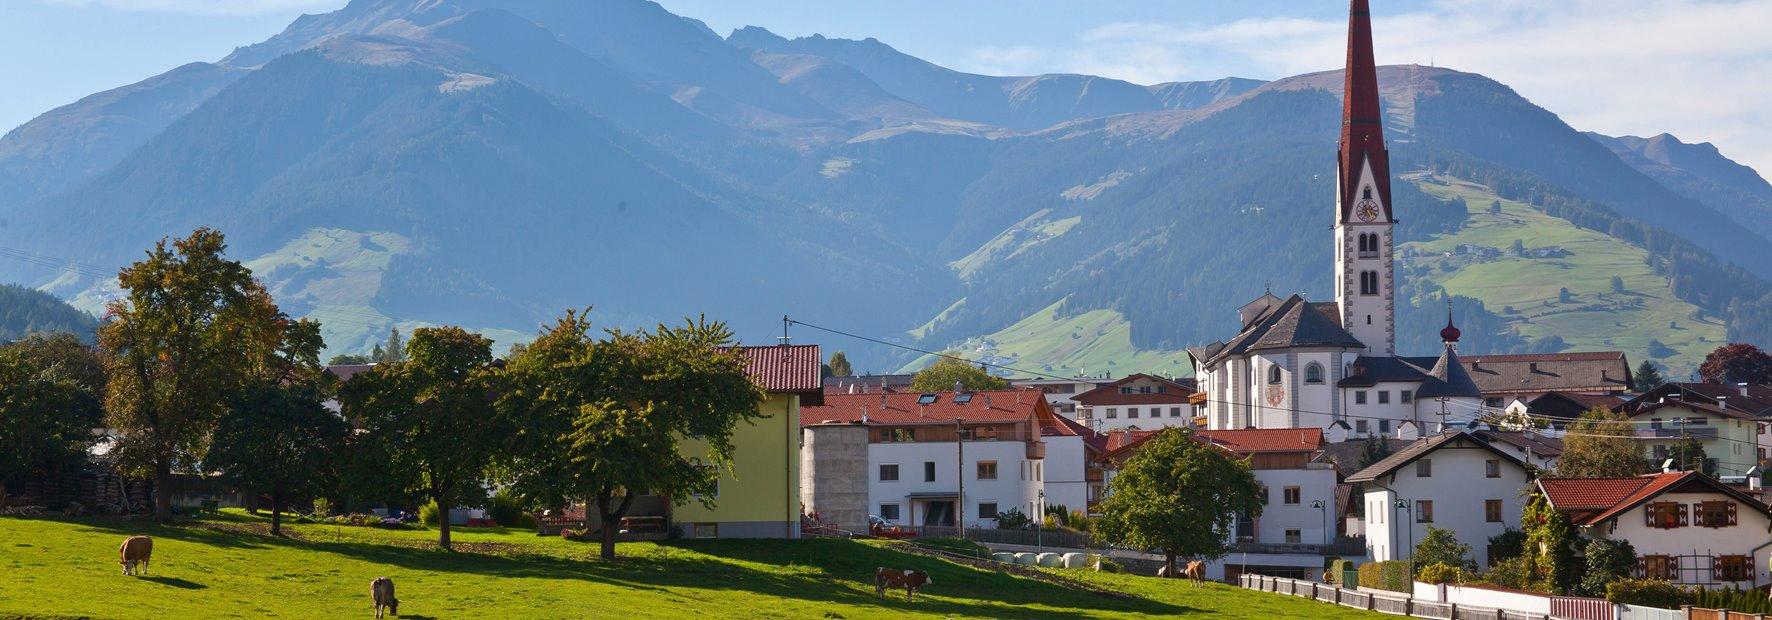 Innsbruck kennenlernen